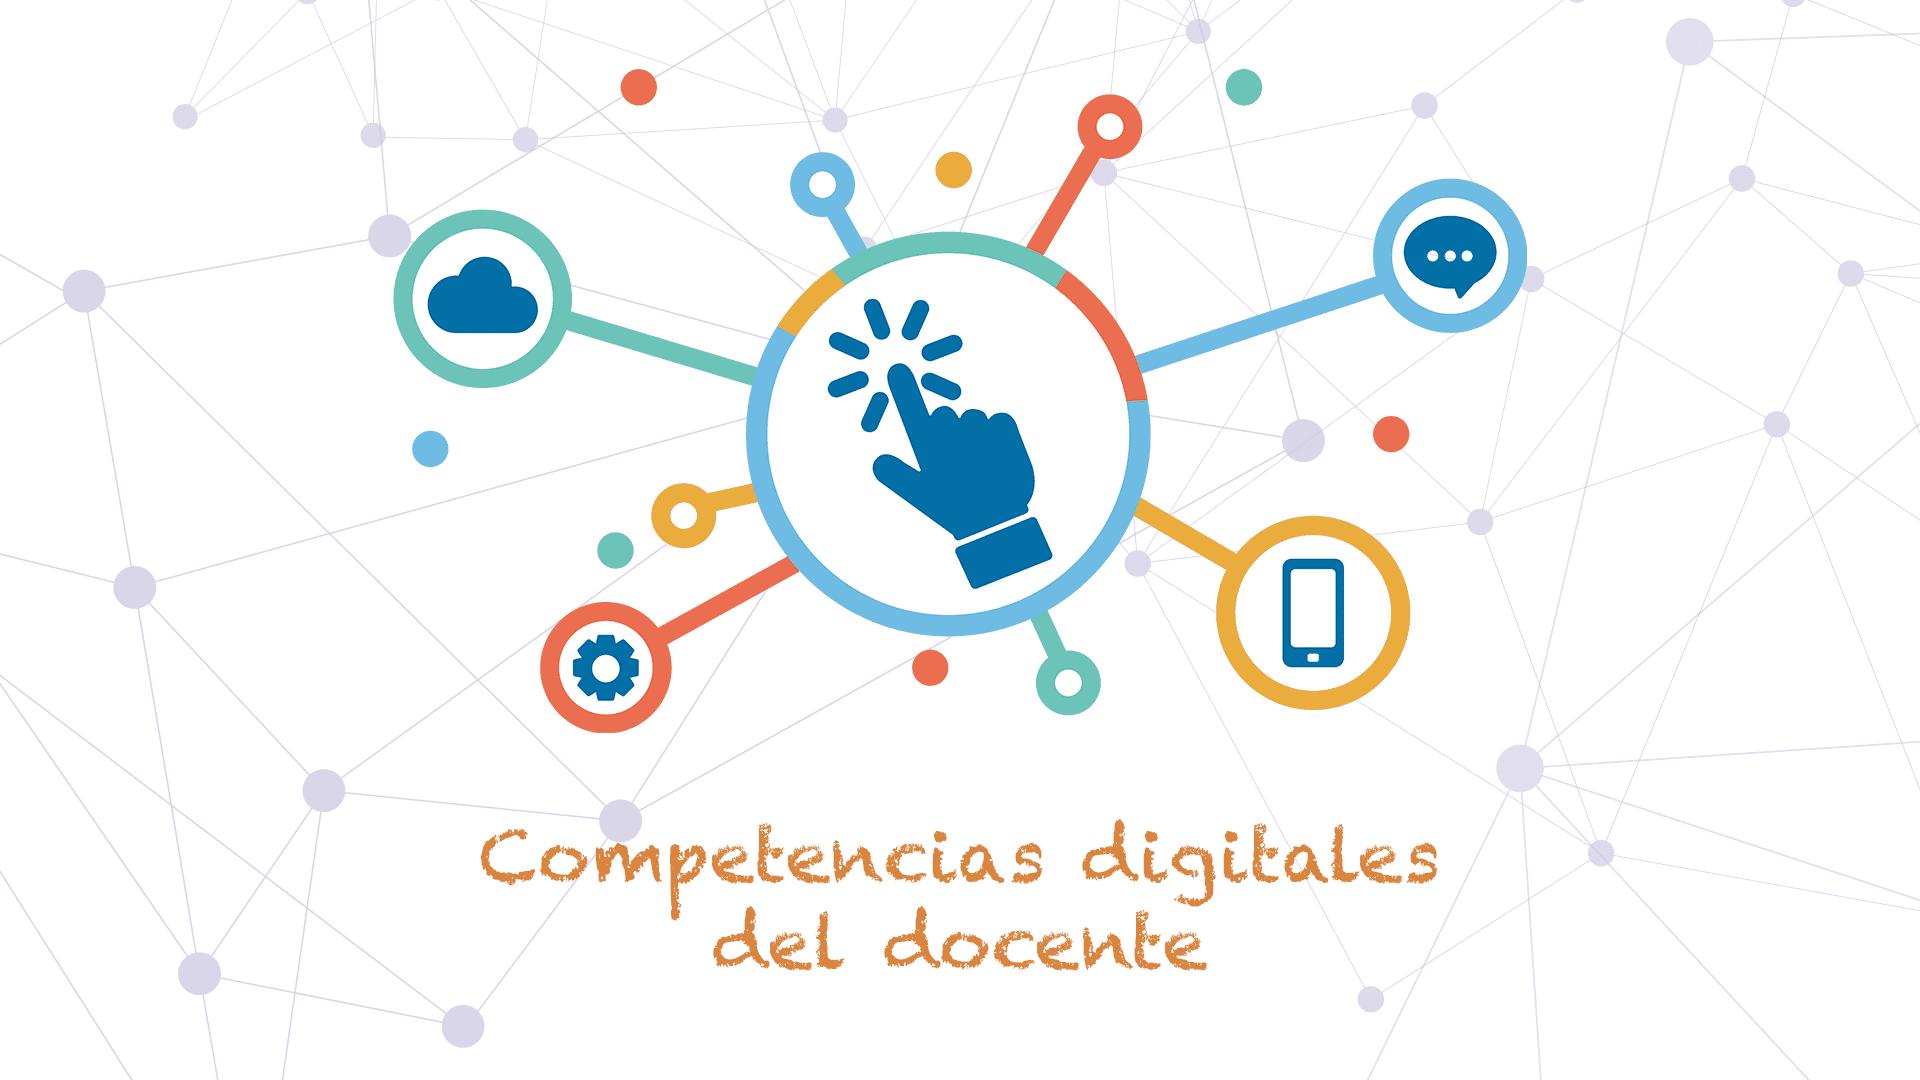 Competencias digitales del docente